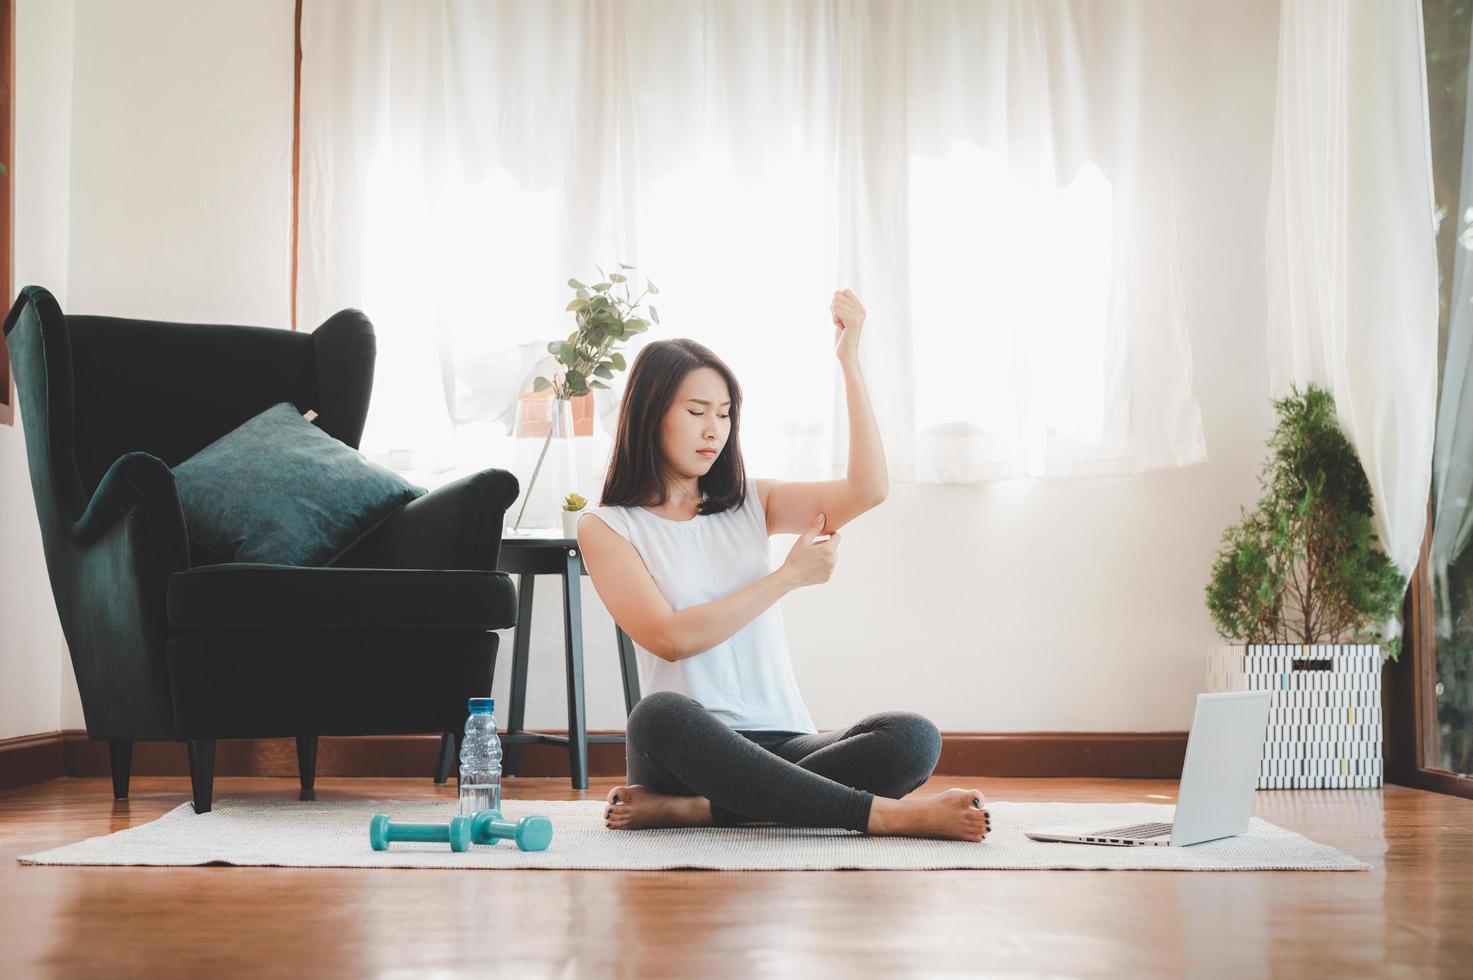 donna pizzicando grasso tricipite braccio foto